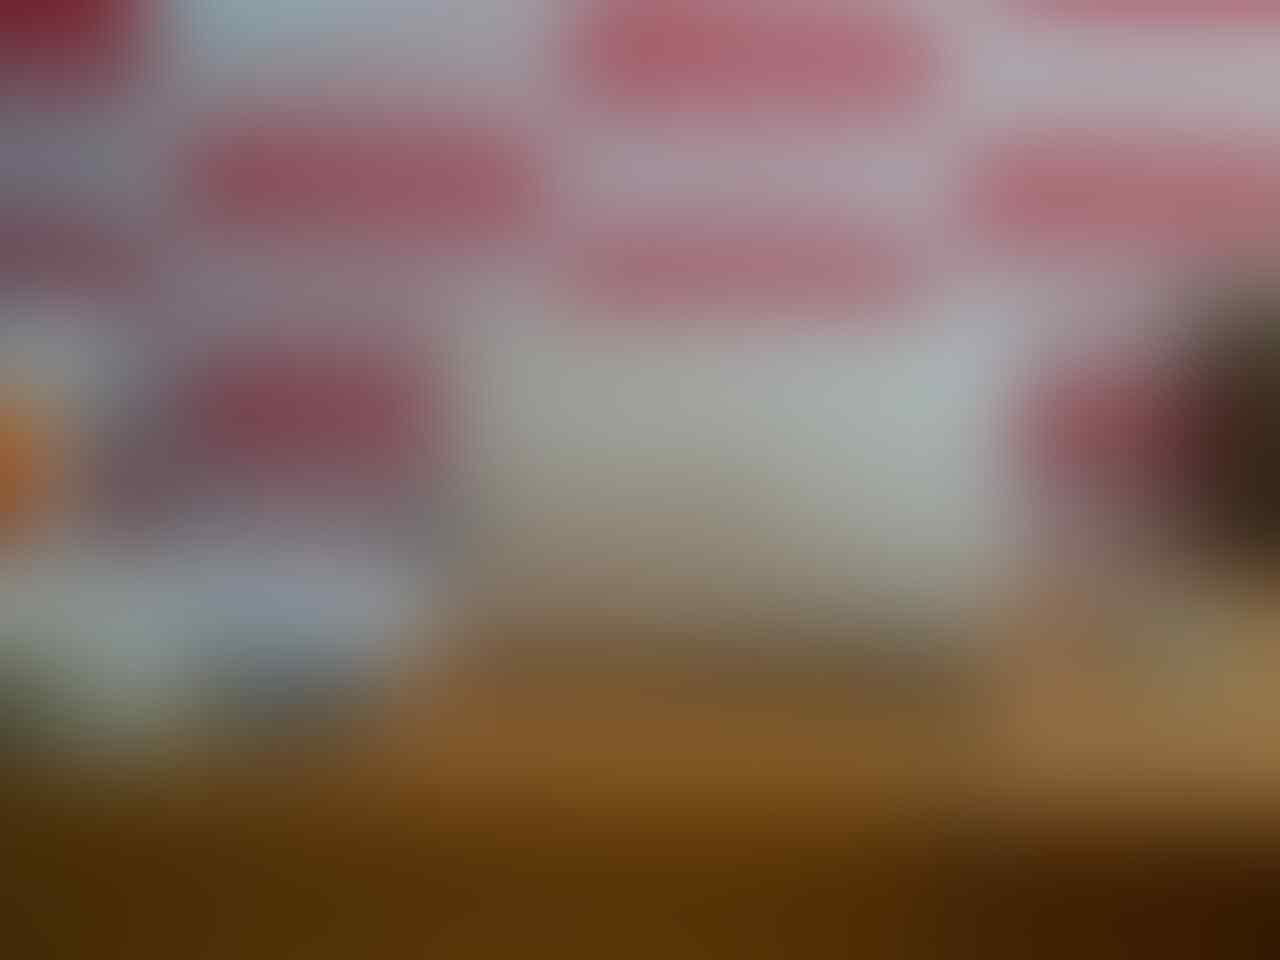 Cetak Brosur Murah   Gratis Biaya Rekber & Langsung Diskon 25RB